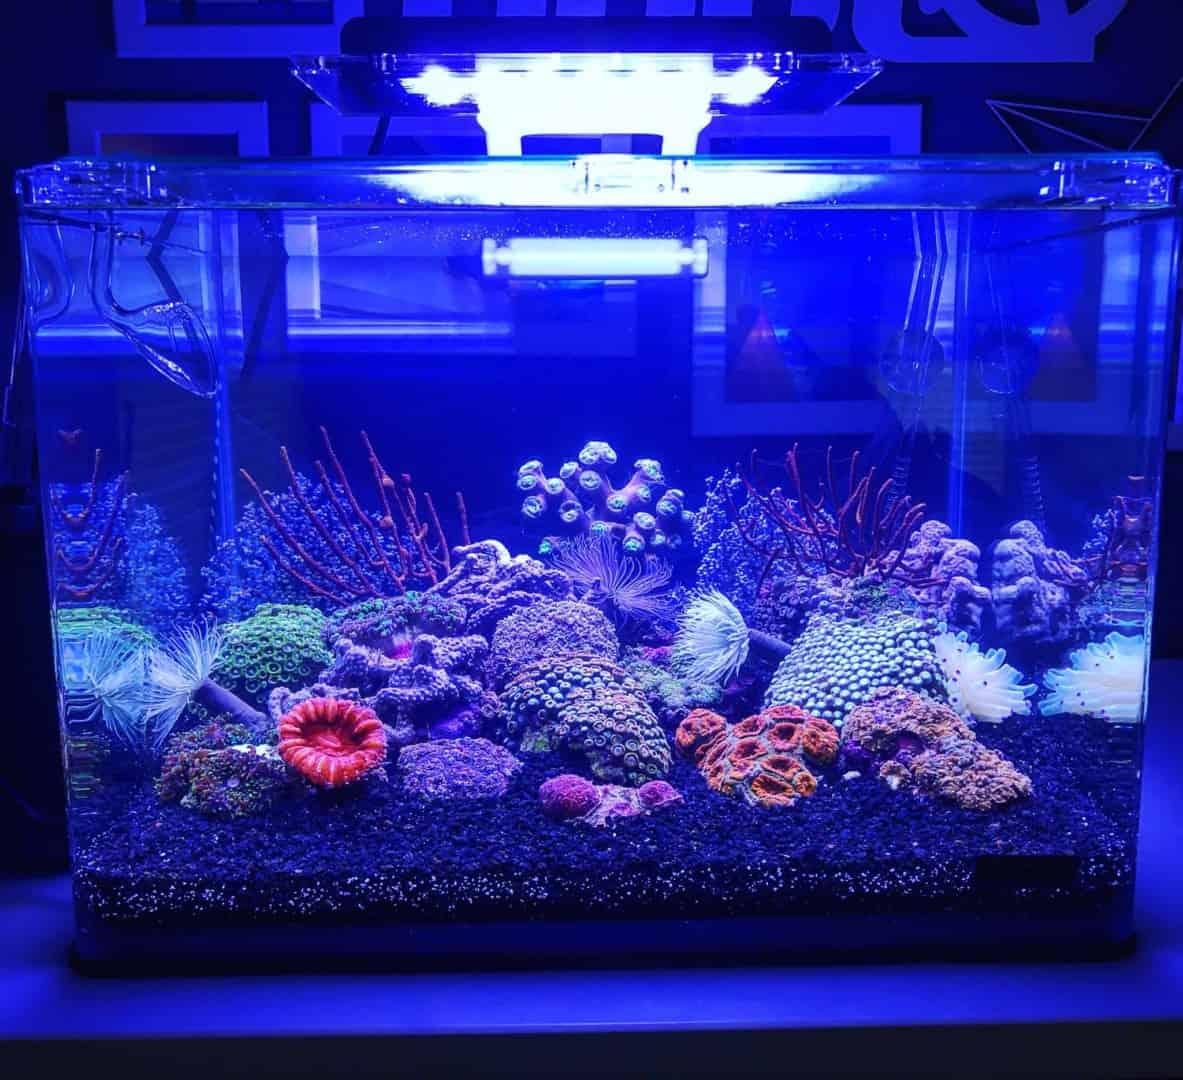 210: Das Nano Meerwasseraquarium - Möglichkeiten, Grenzen und Tipps zur Pflege (Adrie Baumann) 4